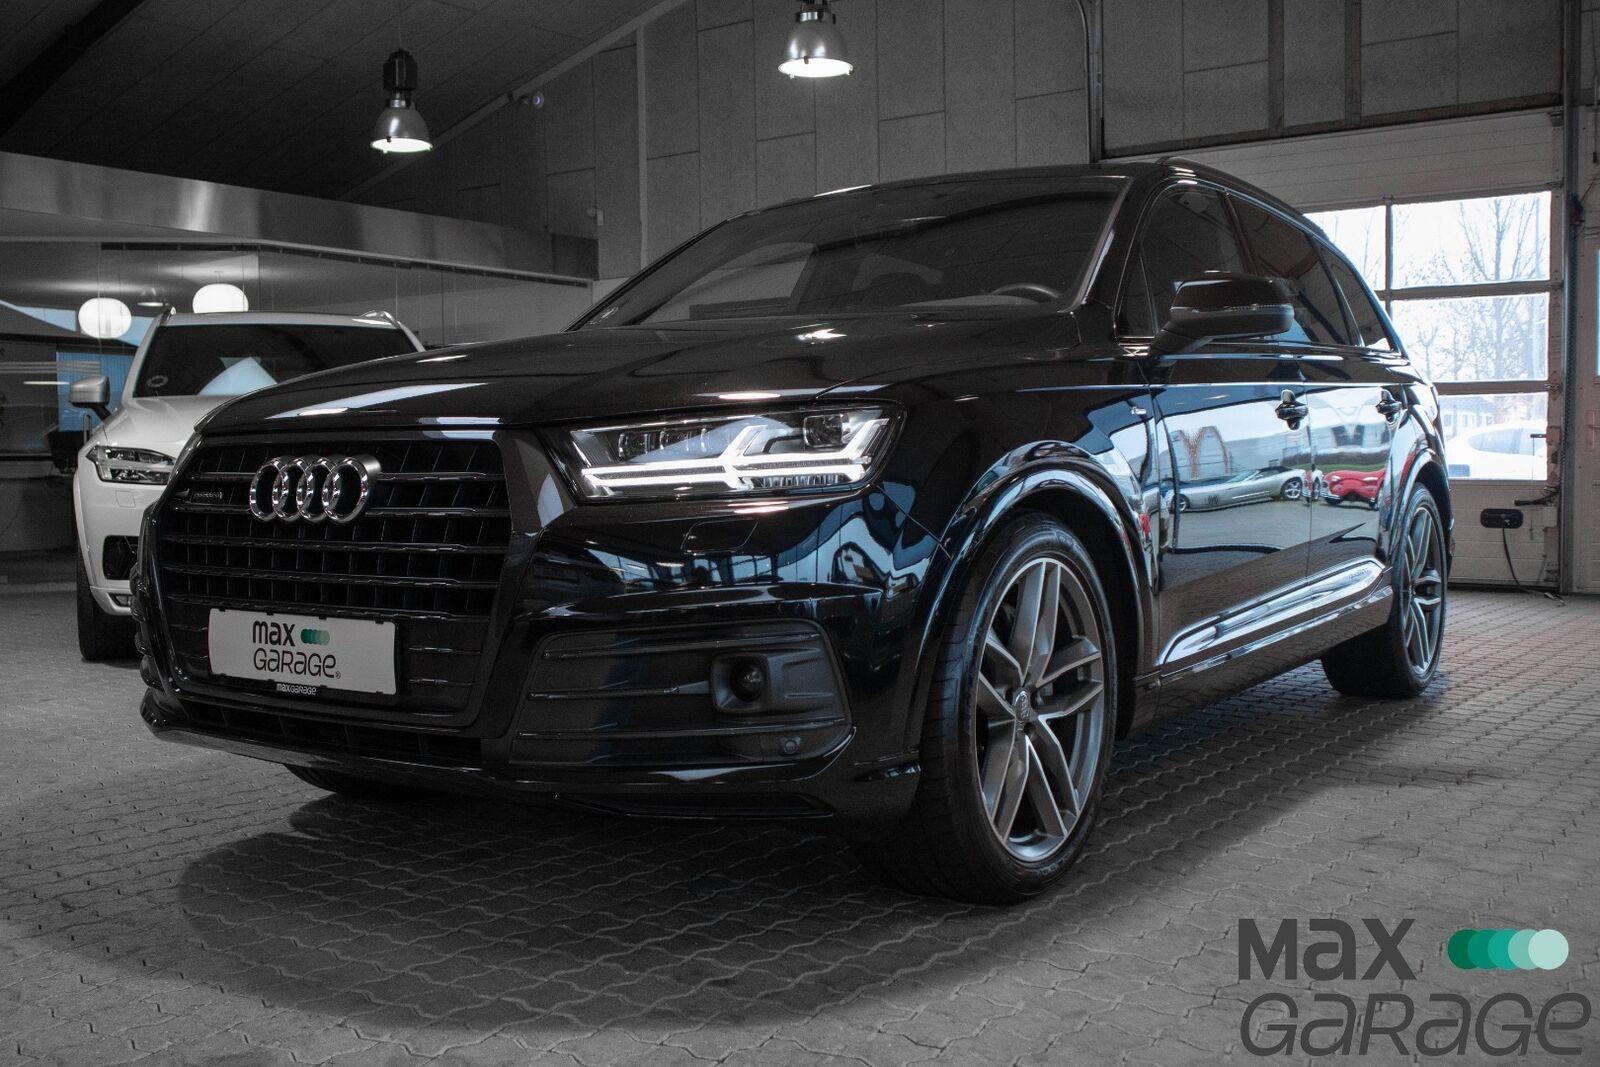 Audi Q7 3,0 TDi 272 S-line quat. Tiptr. 7p 5d